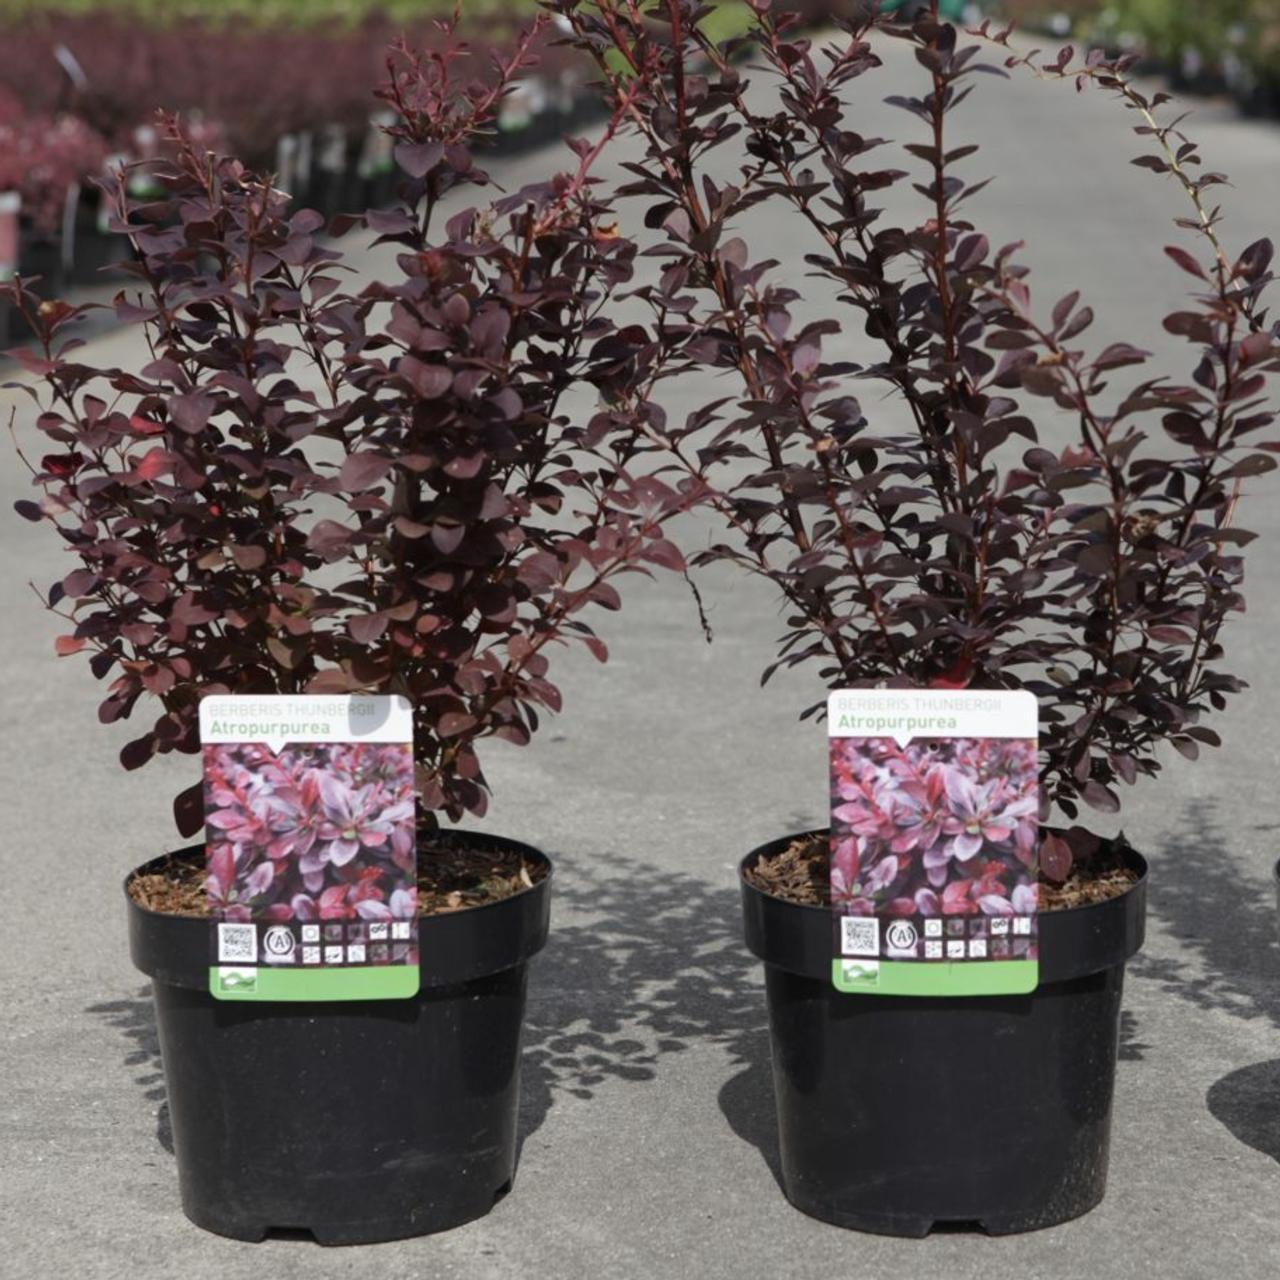 Berberis thunbergii 'Atropurpurea' plant